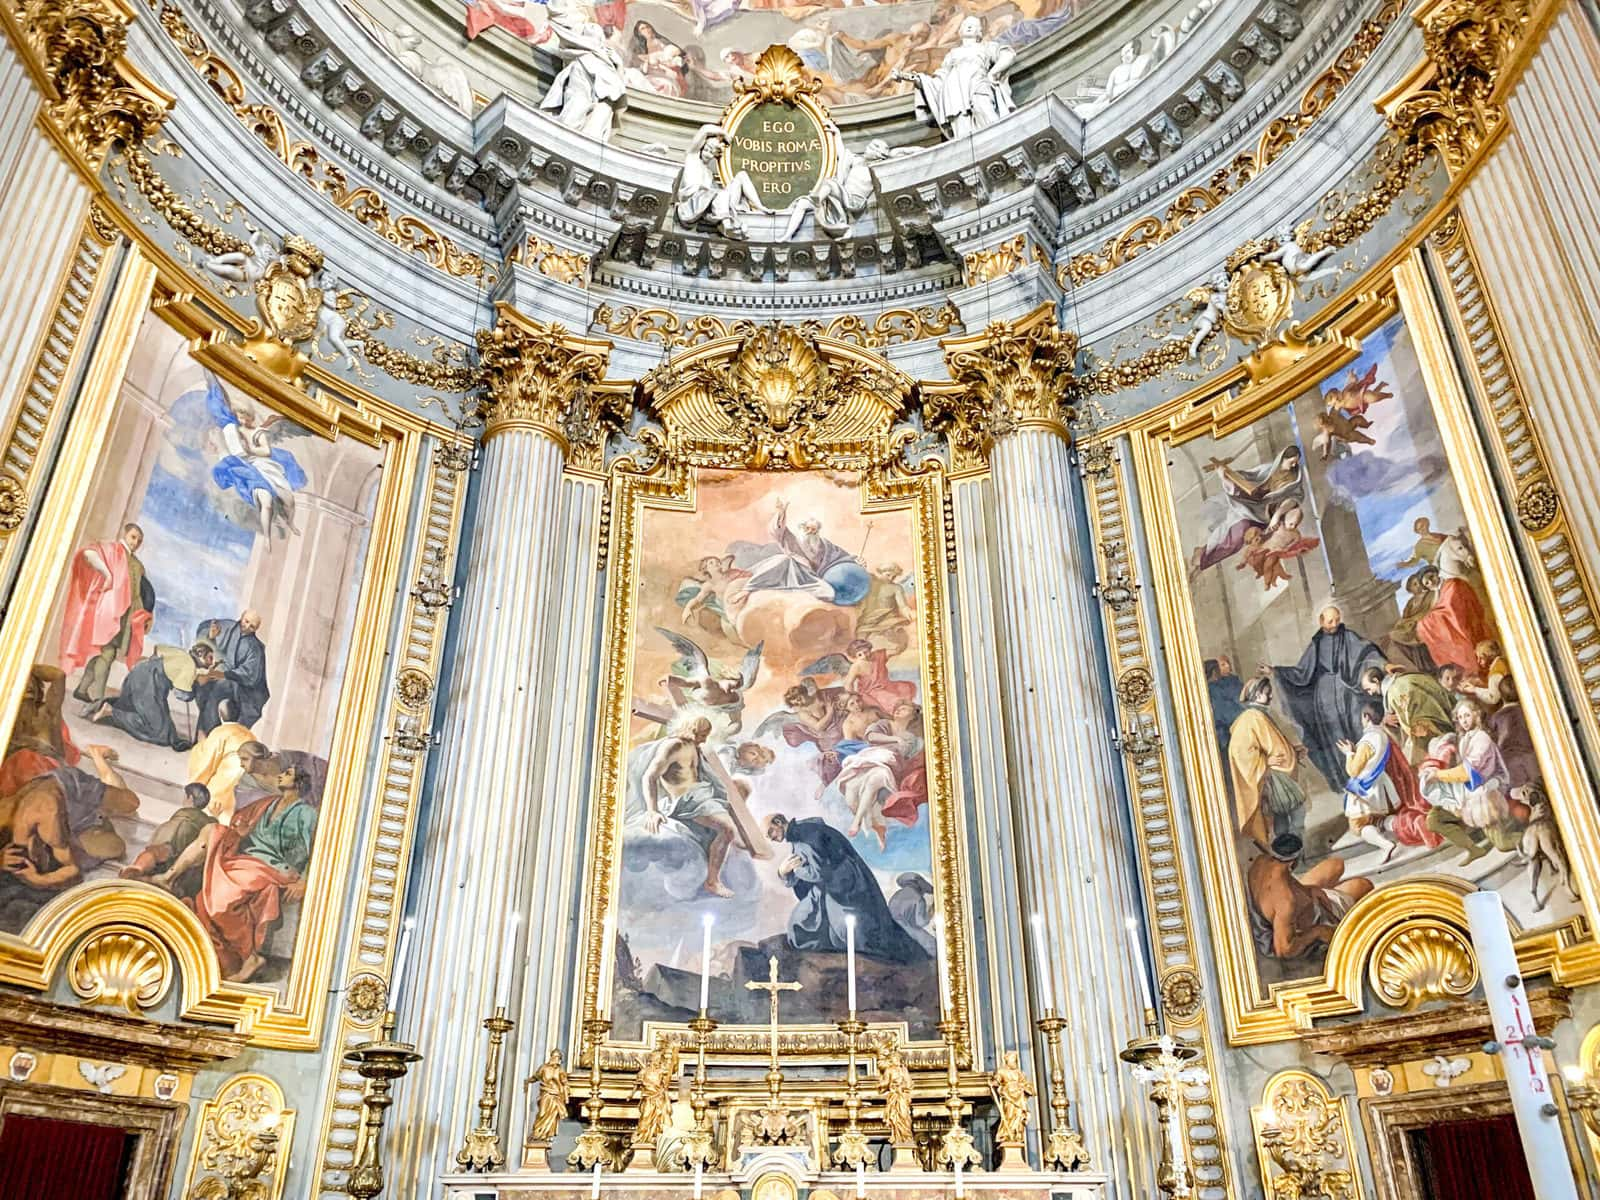 Heiliger Ignazio in Rom betend, Sant'Ignazio di Loyola, Rom